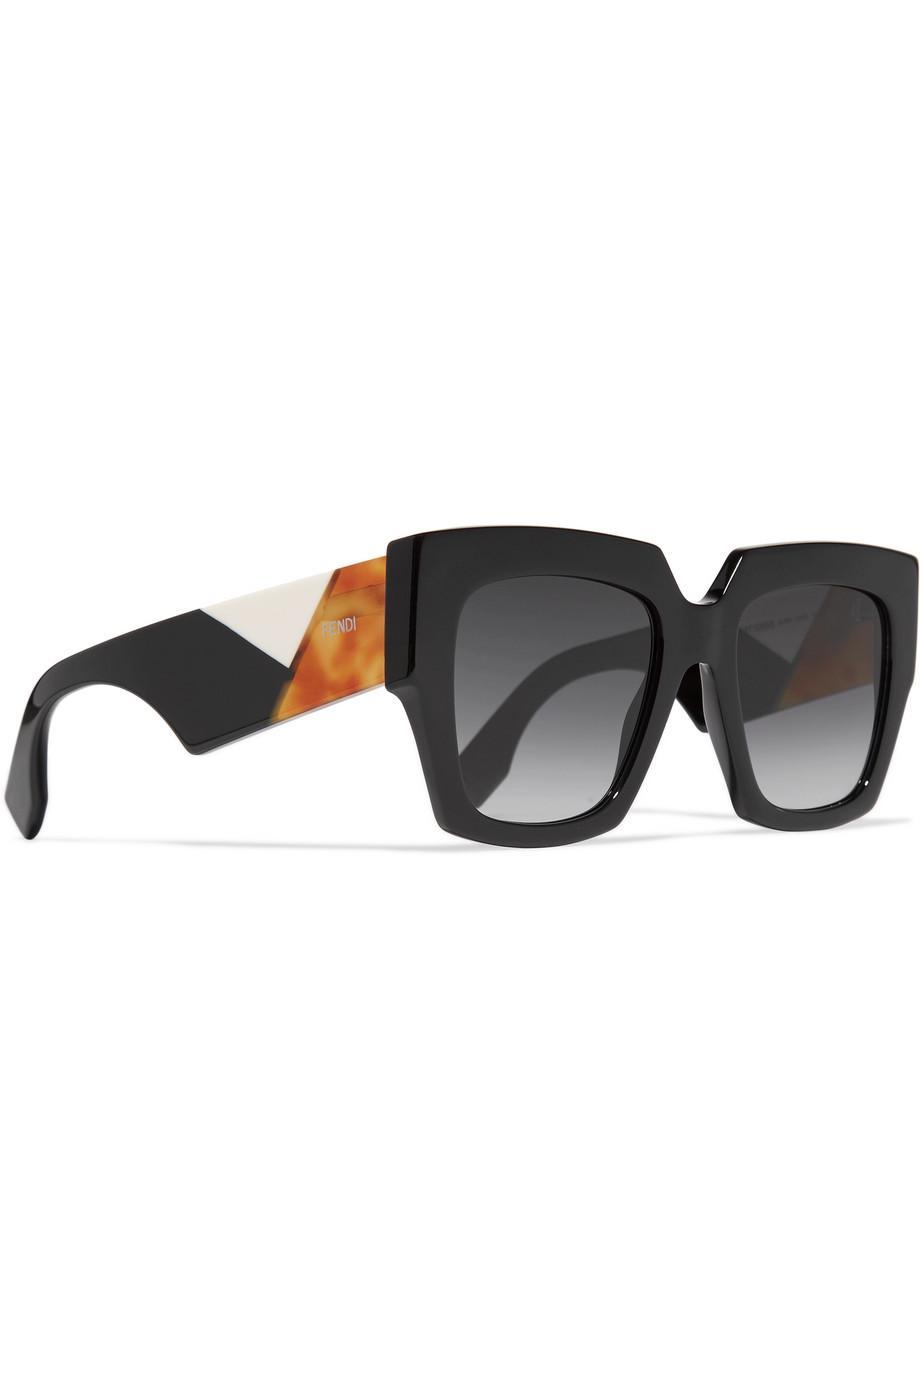 fbabf865d8 Fendi Lyst sol Gafas en marco negro acetato de de de cuadrado de awz8qrB5nz